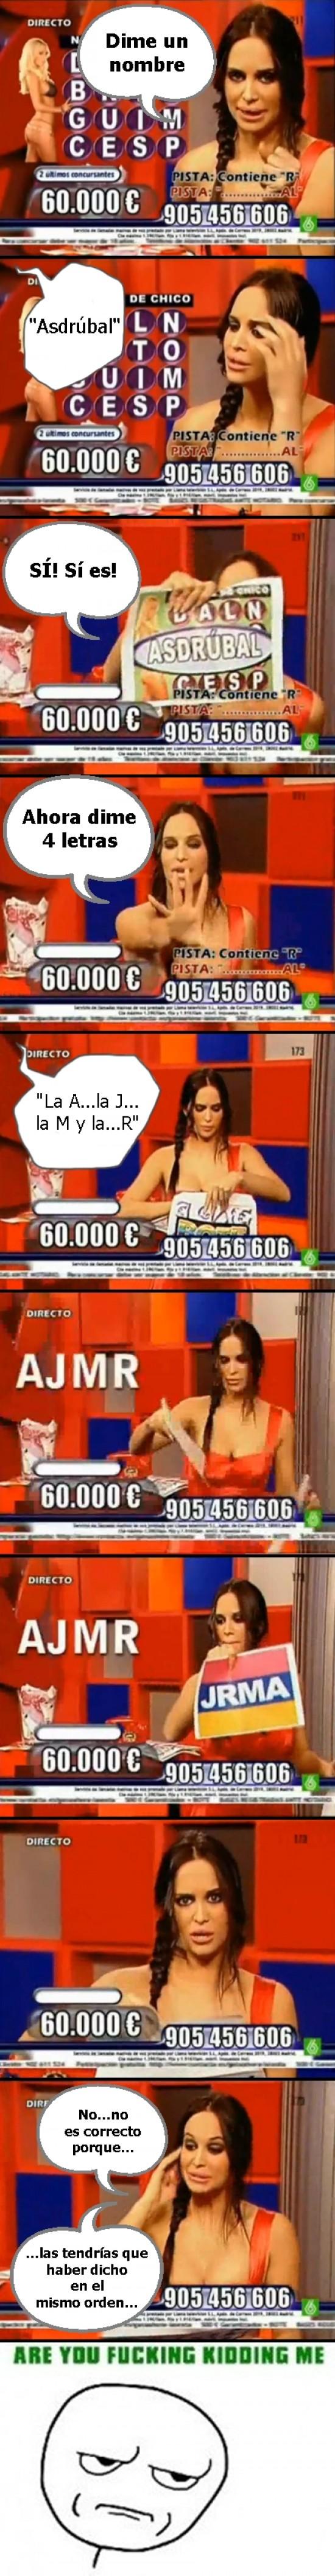 Kidding_me - Call TV se niega a pagar 60000 euros